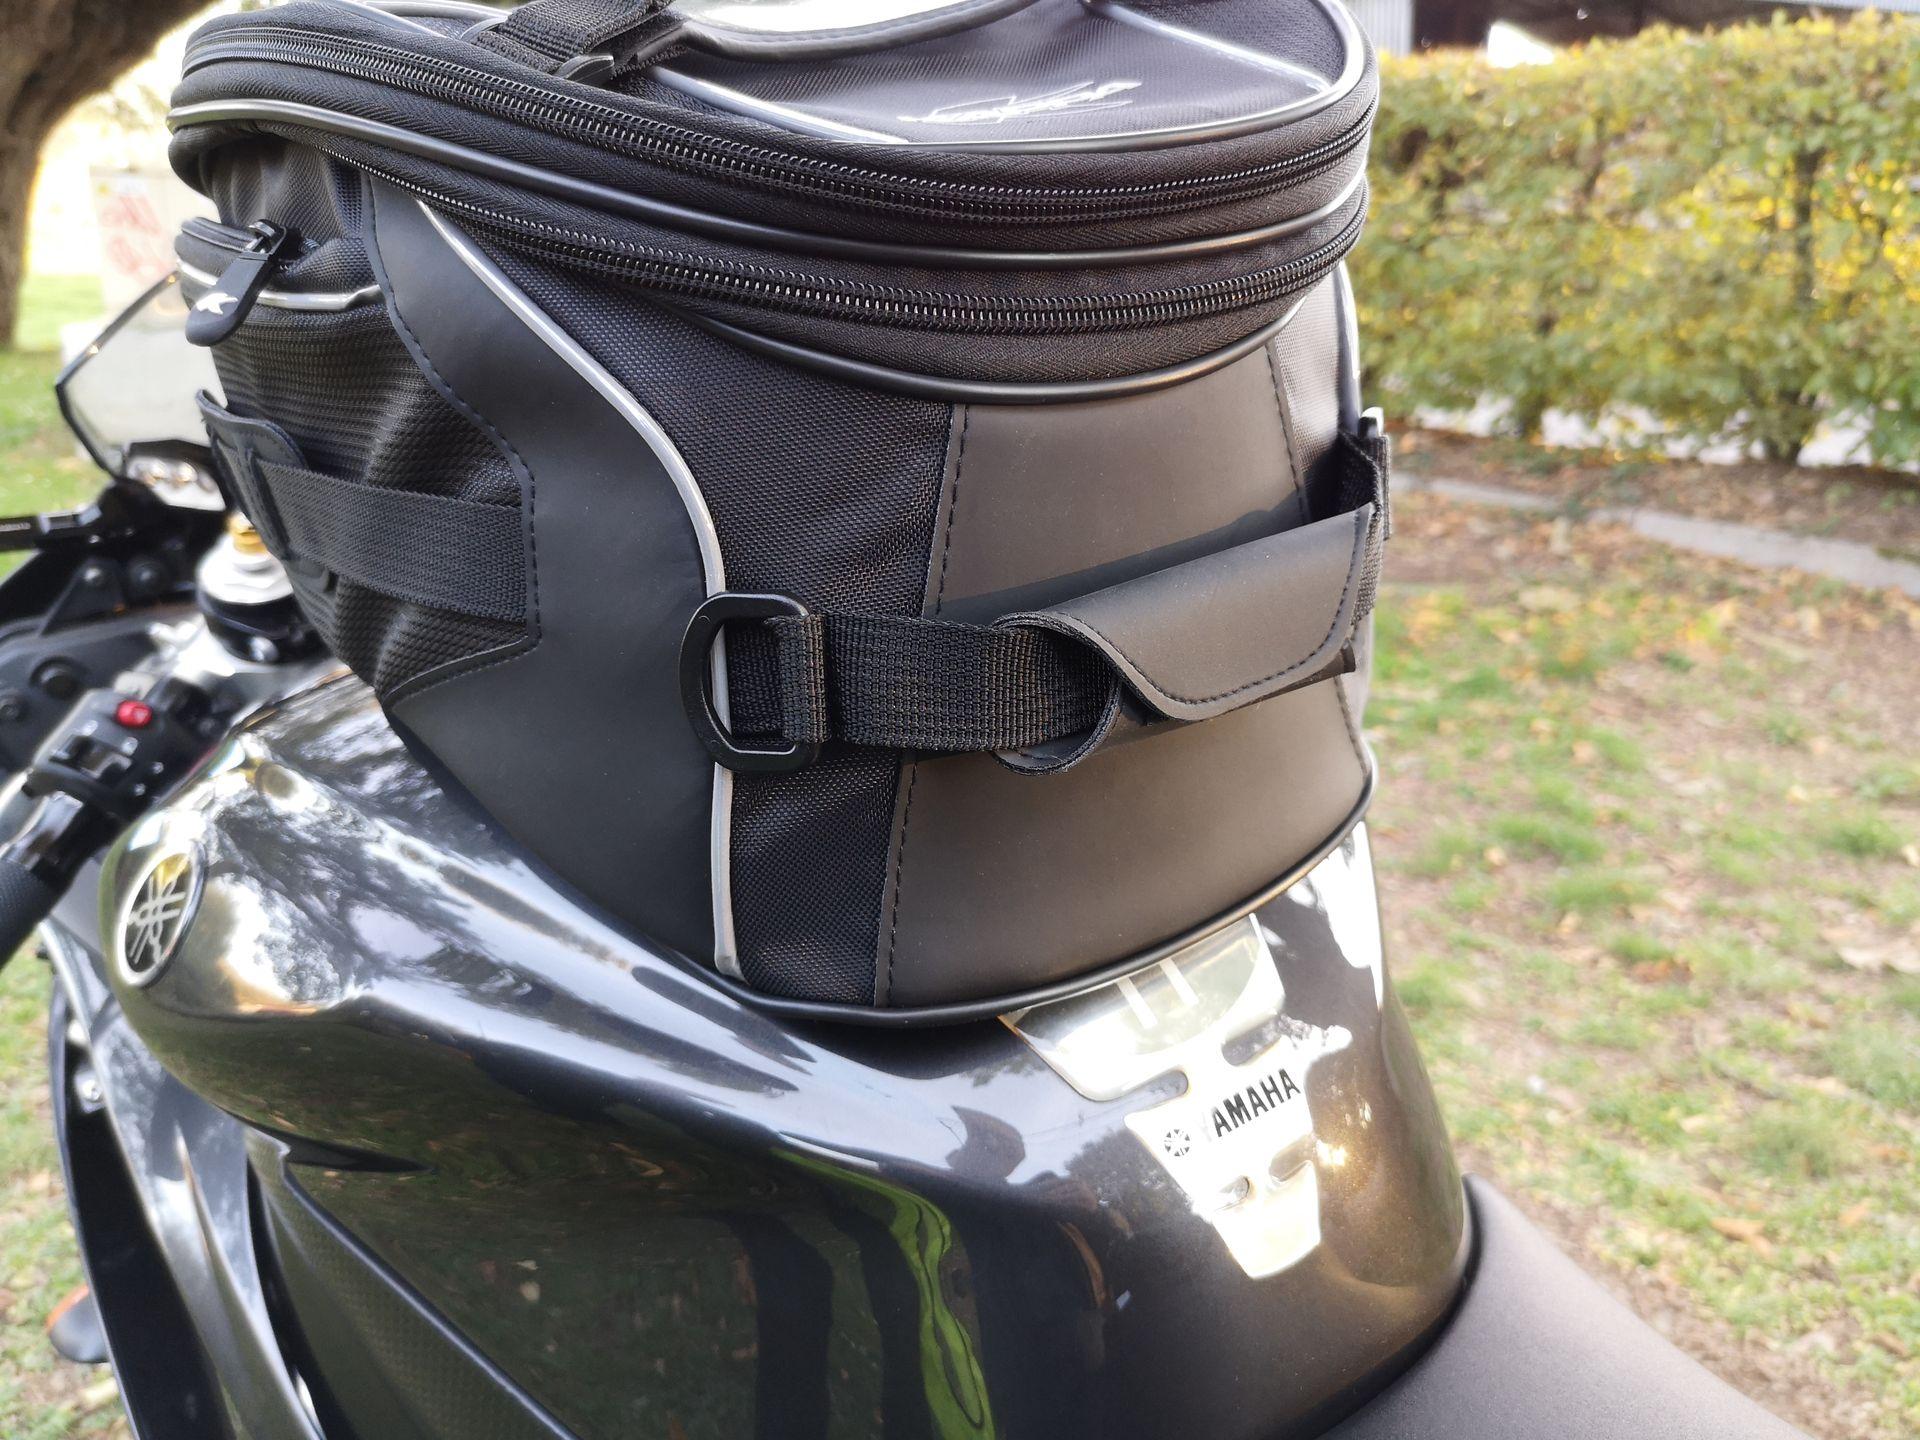 Poignée de la sacoche de réservoir Kappa RA311R